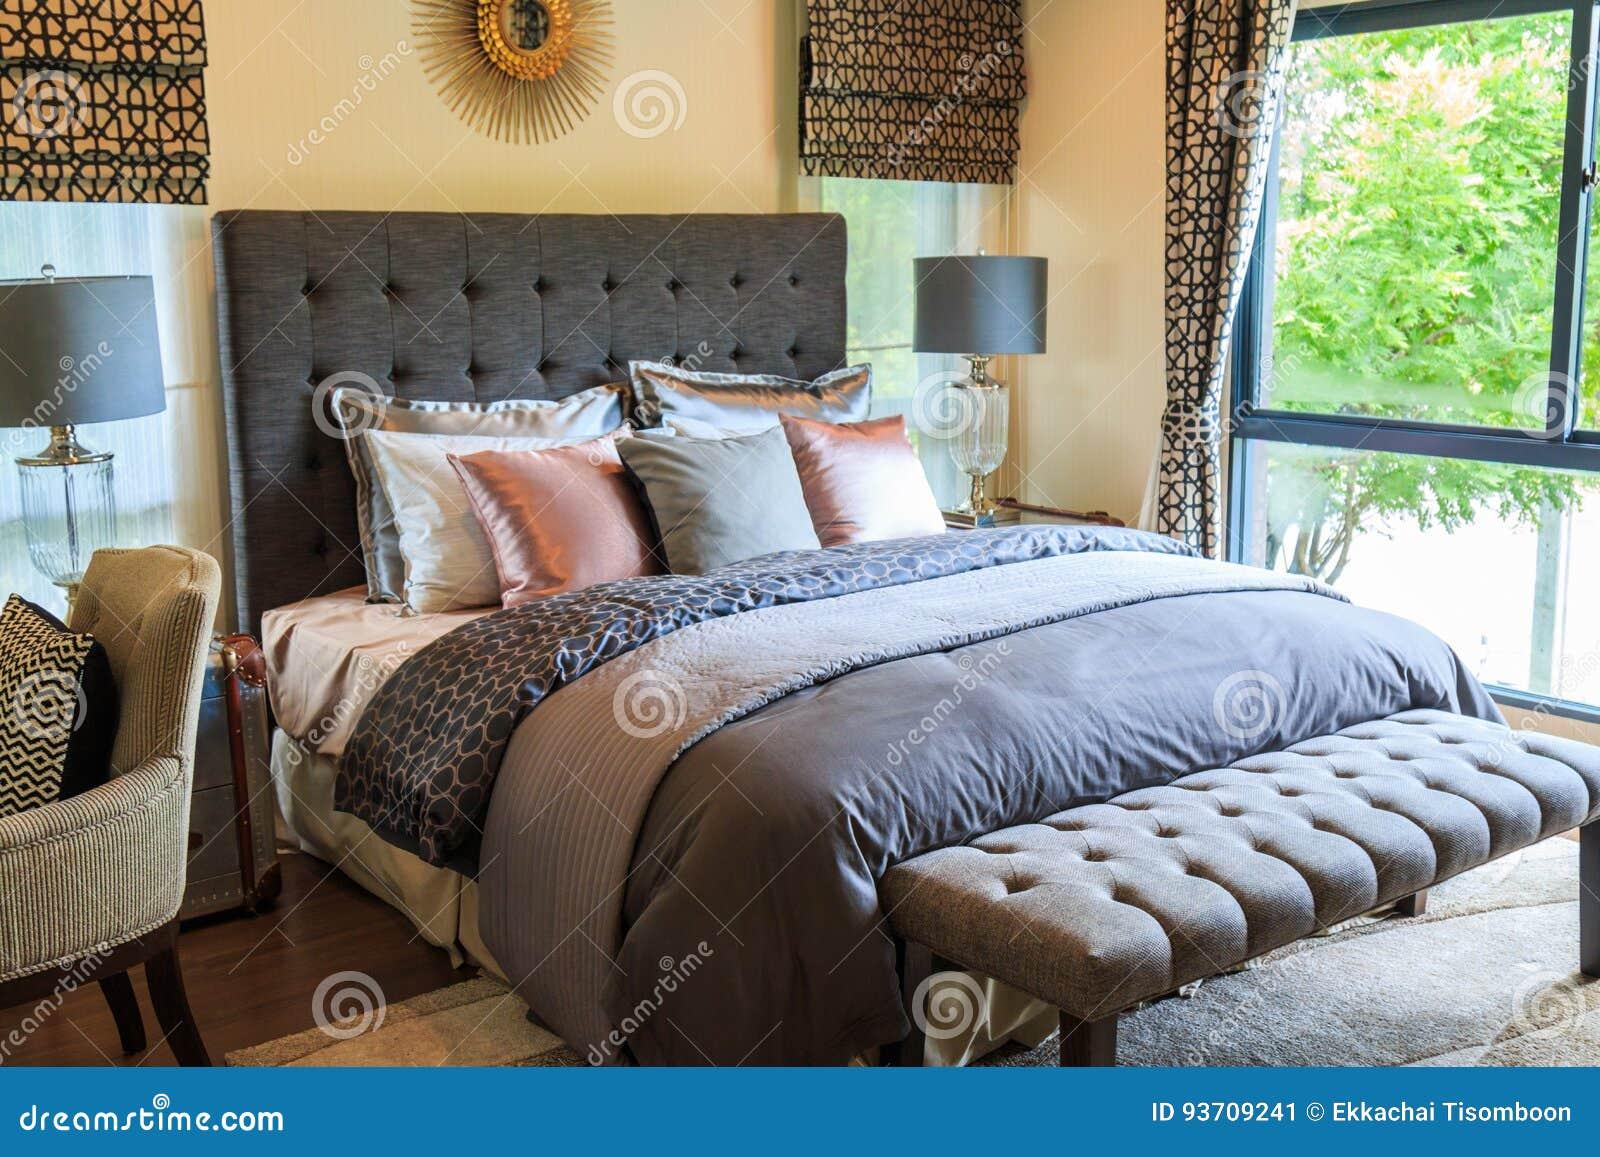 Testate letto con cuscini good caricamento in corso with testate letto con cuscini trendy - Testate letto con cuscini ...